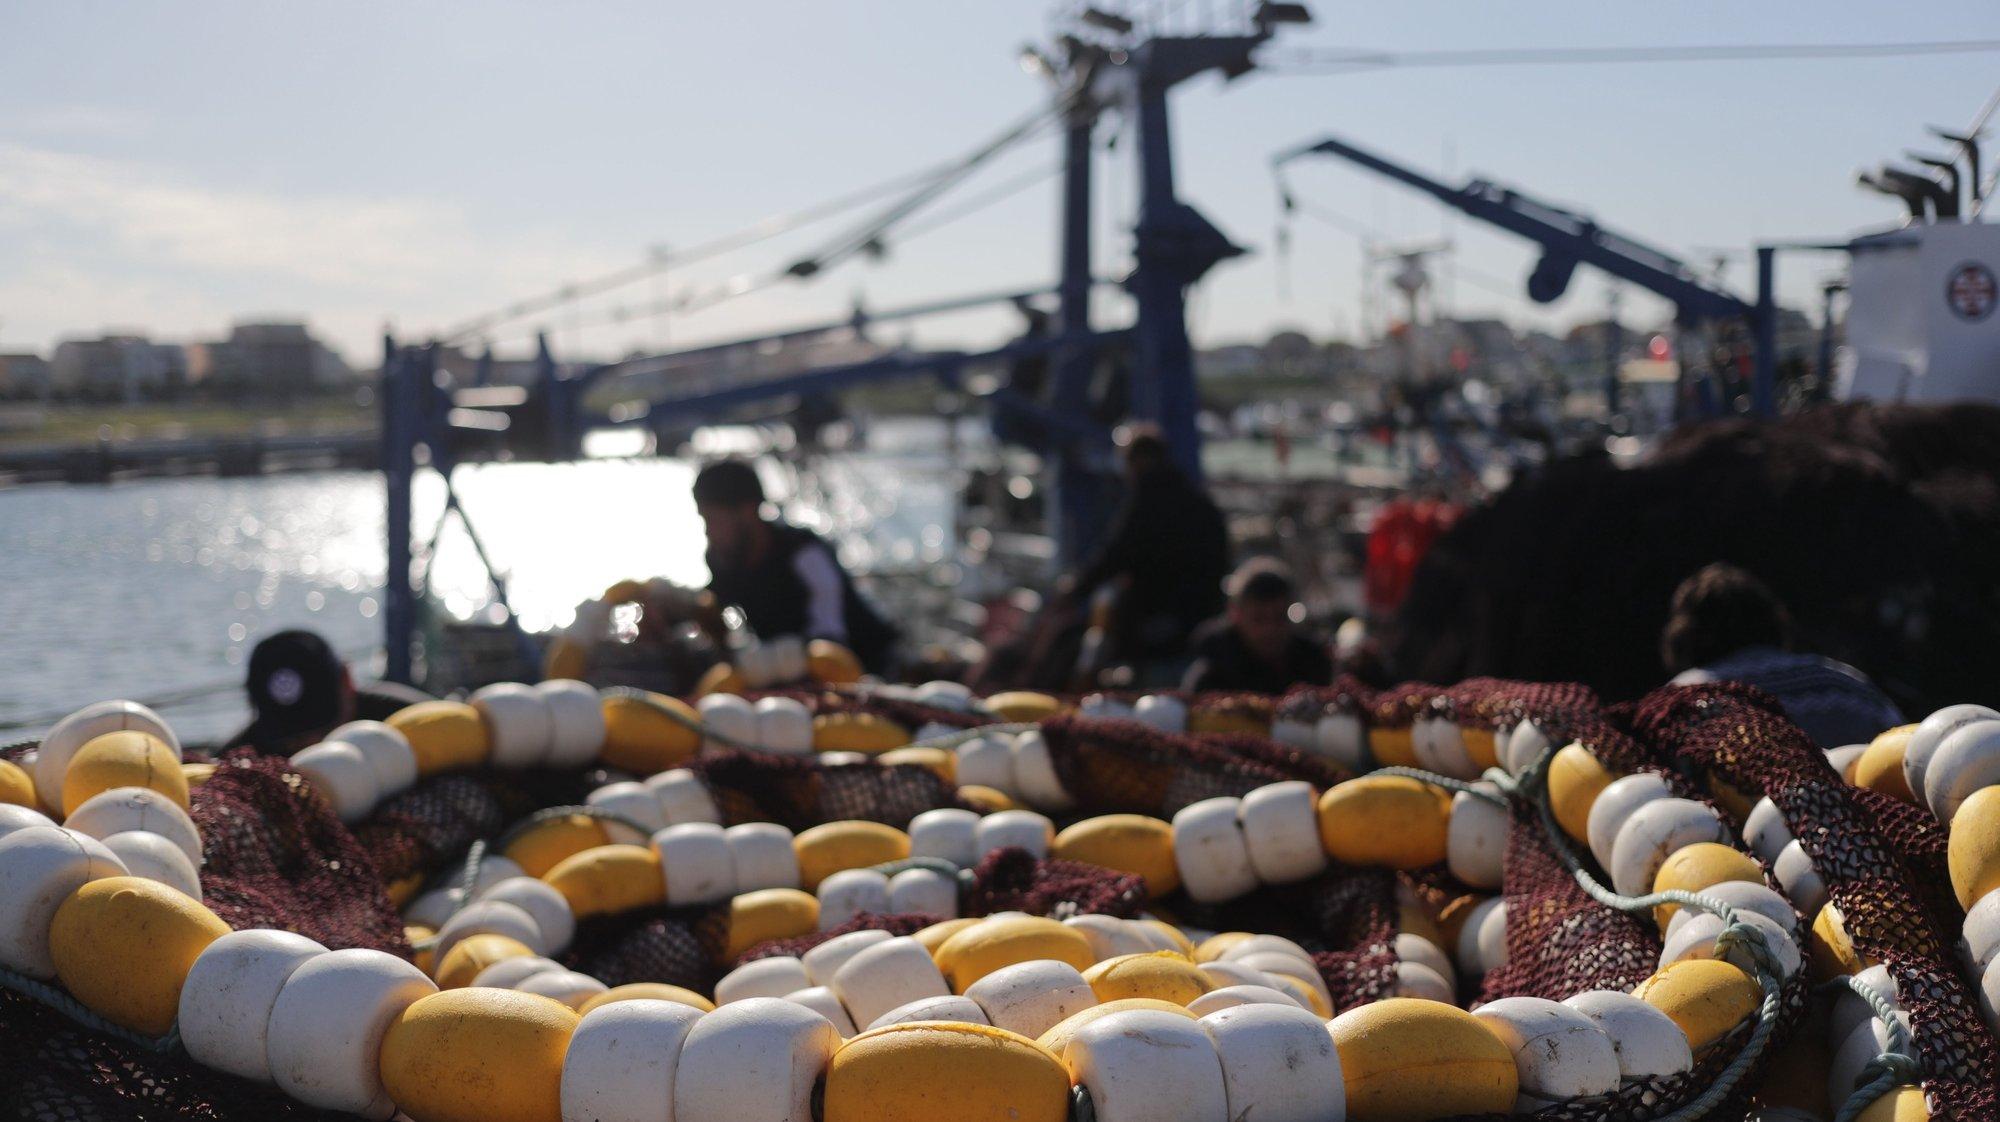 """Porto de pesca da Póvoa de Varzim, 07 de abril 2021. Os pescadores fazem uma paralisação como forma de protesto contra as autoridades sob o lema """"Fiscalização sim, perseguição não!"""". ESTELA SILVA/LUSA"""